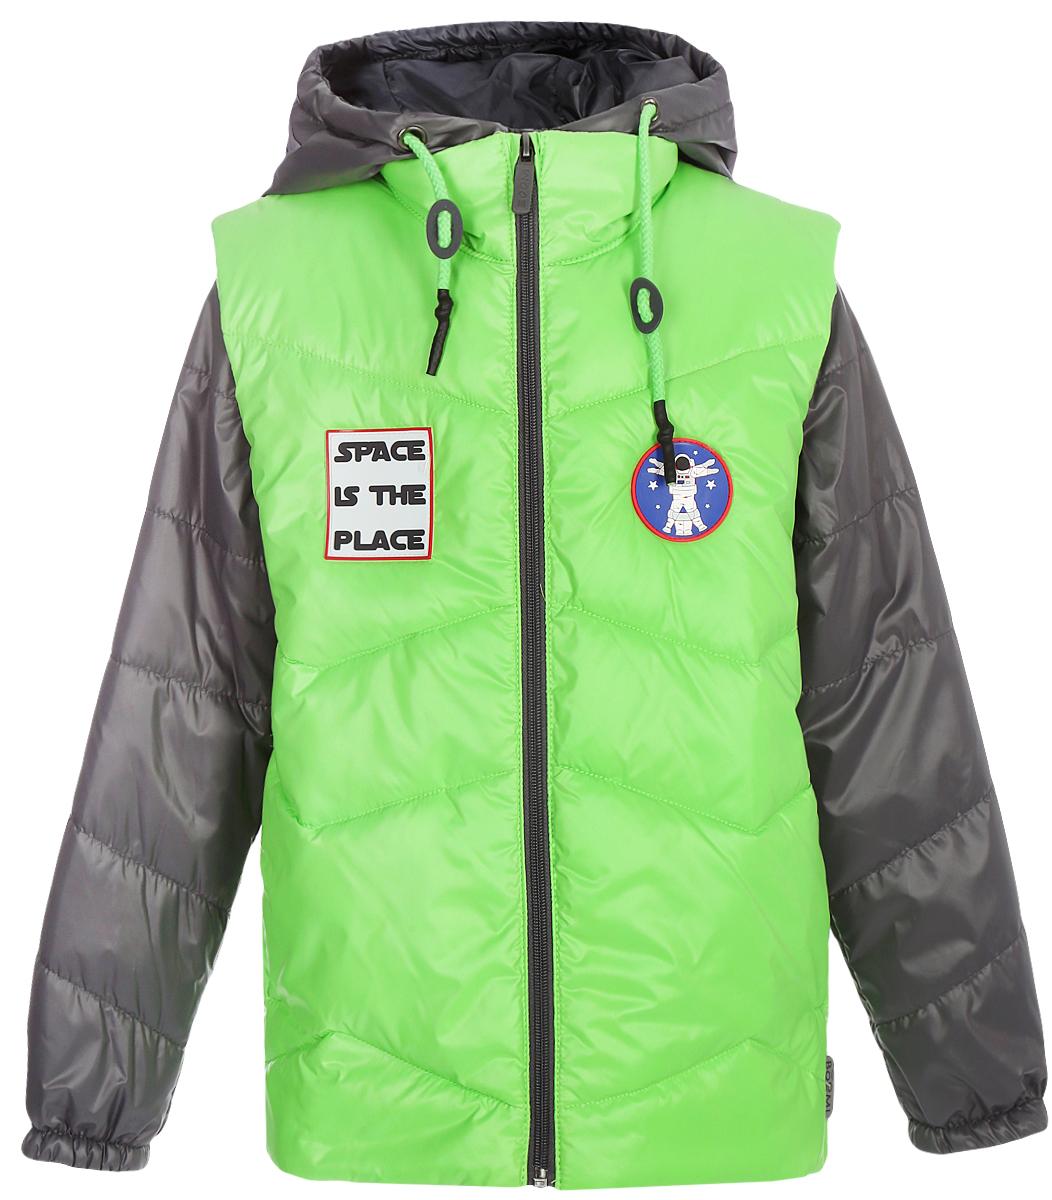 Куртка для мальчика Boom!, цвет: салатовый. 80016_BOB. Размер 11680016_BOBКуртка для мальчика Boom! выполнена из качественного материала. Куртка 3 в 1. В одной модели сразу три вещи: теплая куртка, стильная жилетка и толстовка из футера петельного с рукавами из ткани верха. Тепло, стильно и практично!